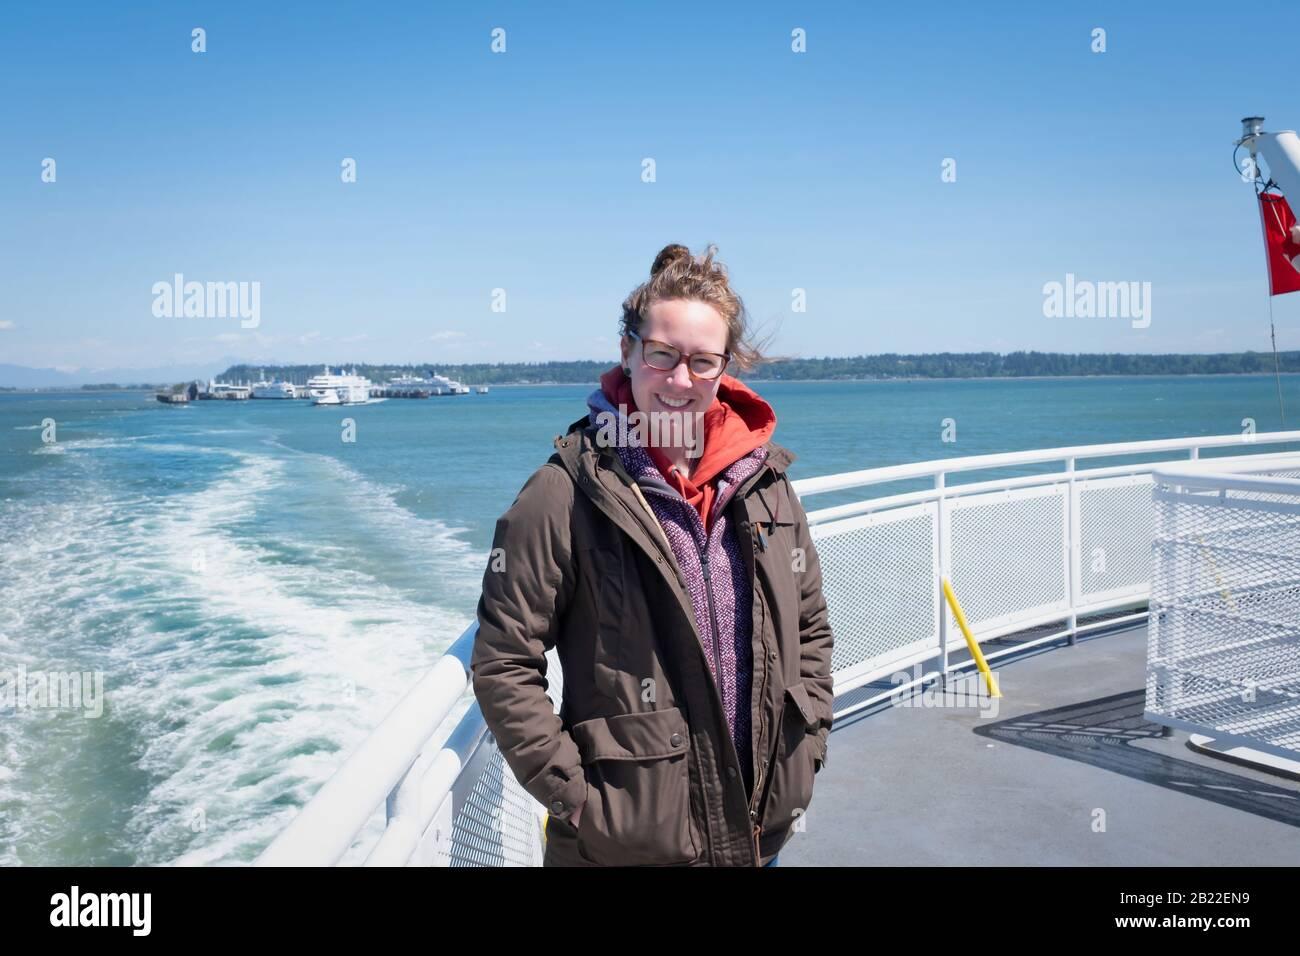 Sonriente joven mujer en el ferry de Vancouver a Swartz Bay, Vancouver Island British Columbia Canadá. Foto de stock